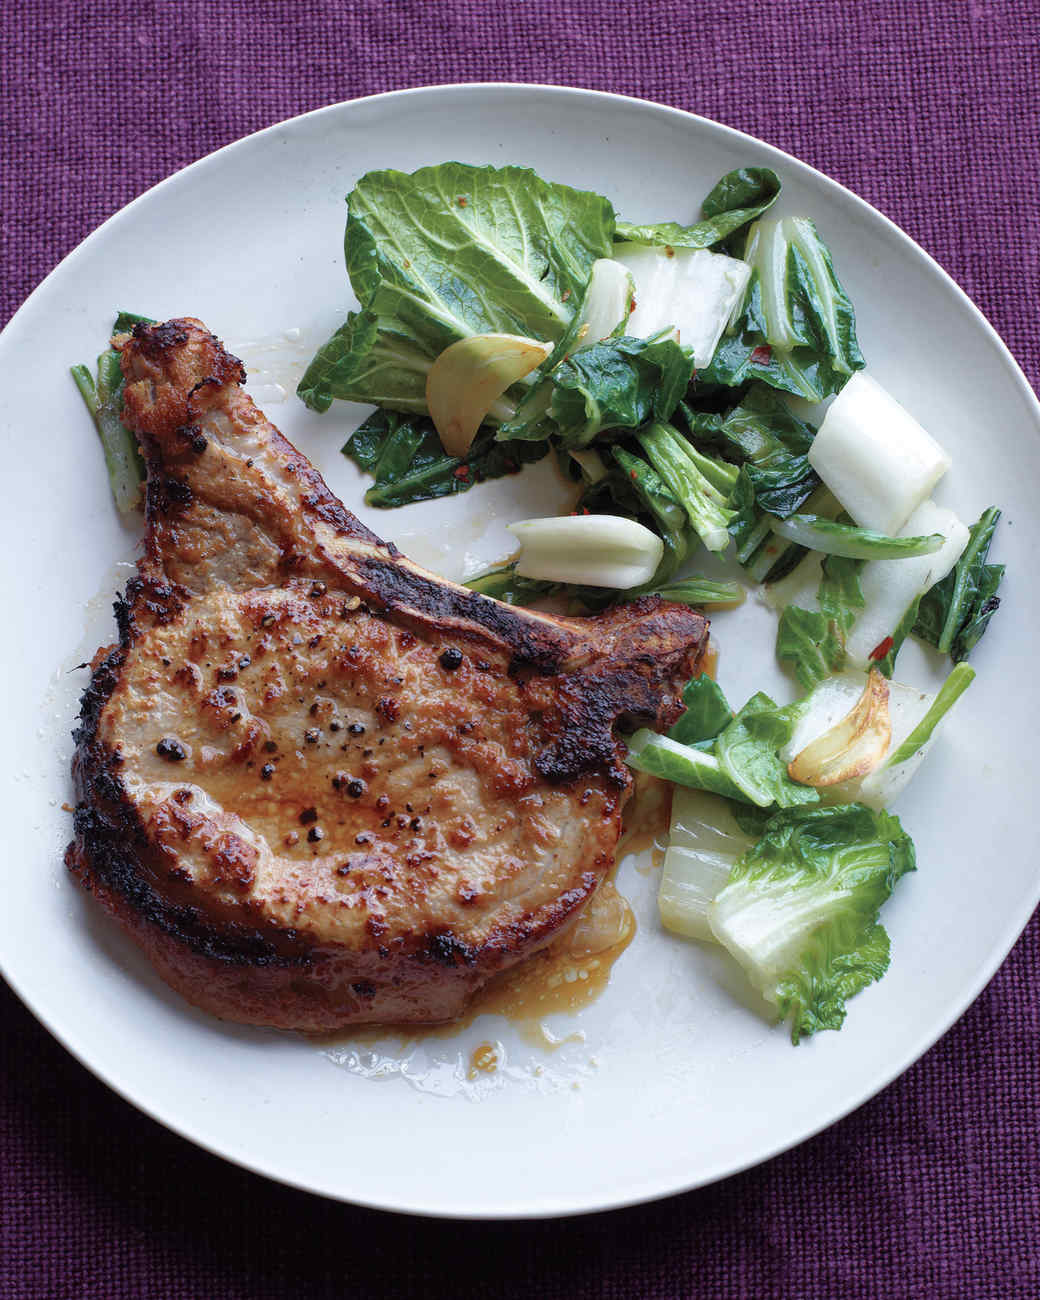 Pork stir-fry recipe with bok choy